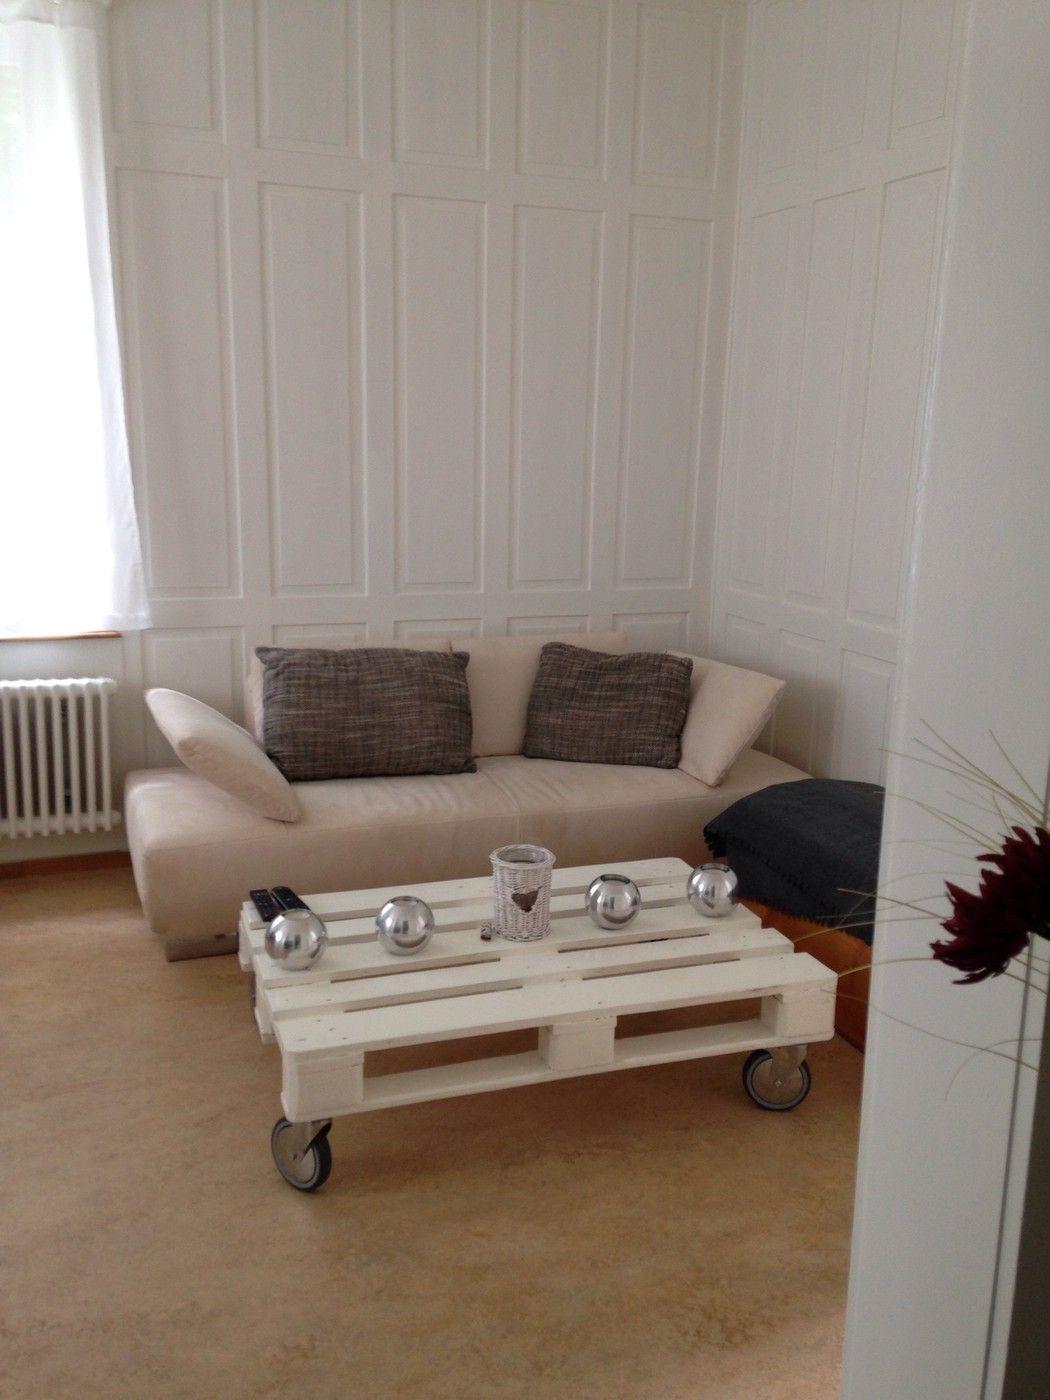 Gemutlich Stilvoll Und Schon 2 Zimmer Wohnung In Winterthur Https Flatfox Ch De 5221 Utm Source Pinterest Utm Mediu Wohnung Mieten Wohnung Gemutlich